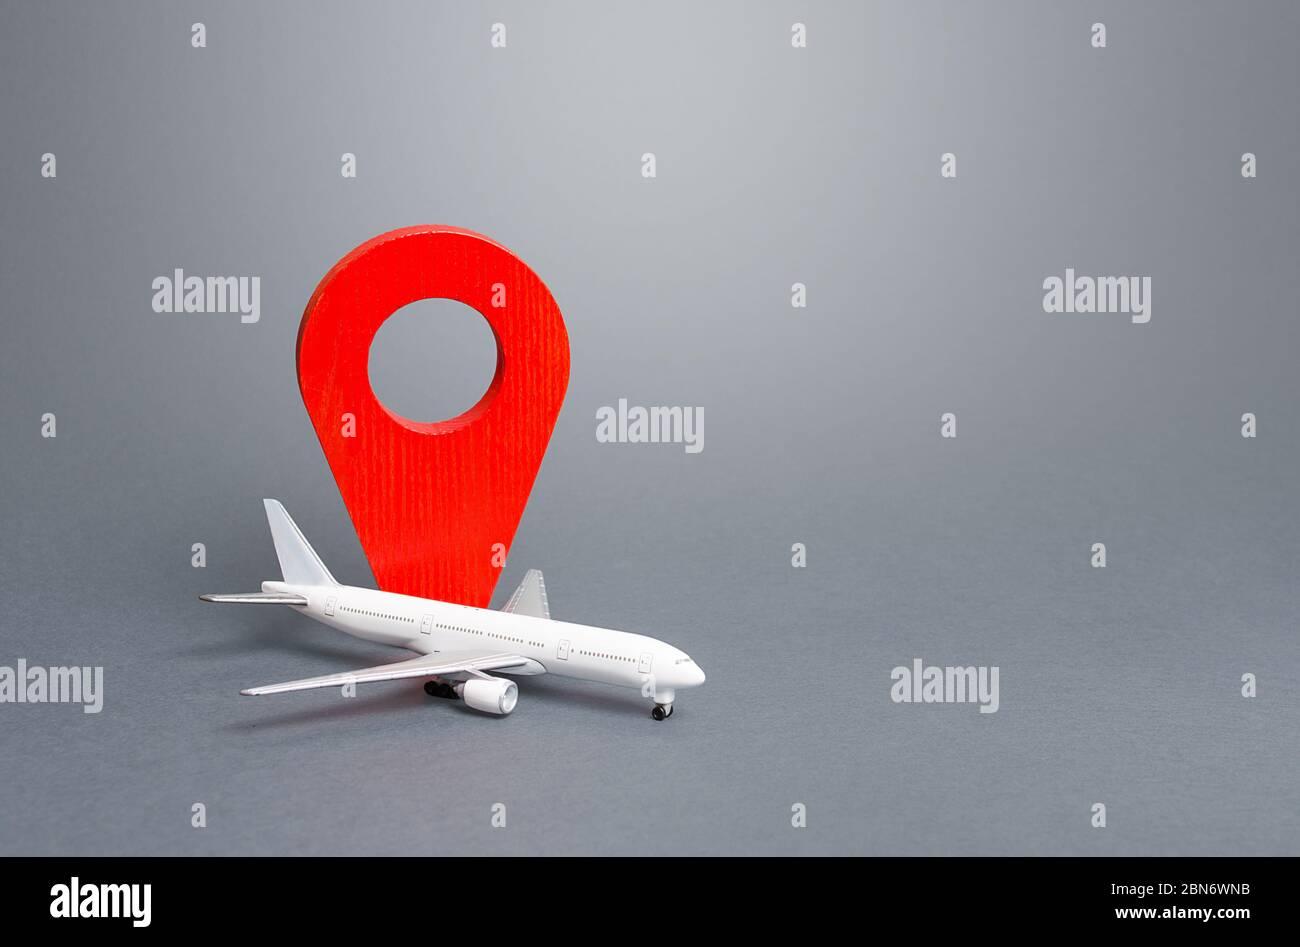 Avion passager et indicateur de position rouge. Voyage aérien. Nouvelles règles pour le transport aérien des passagers, mesures de quarantaine. Soutenir le programme financier Banque D'Images